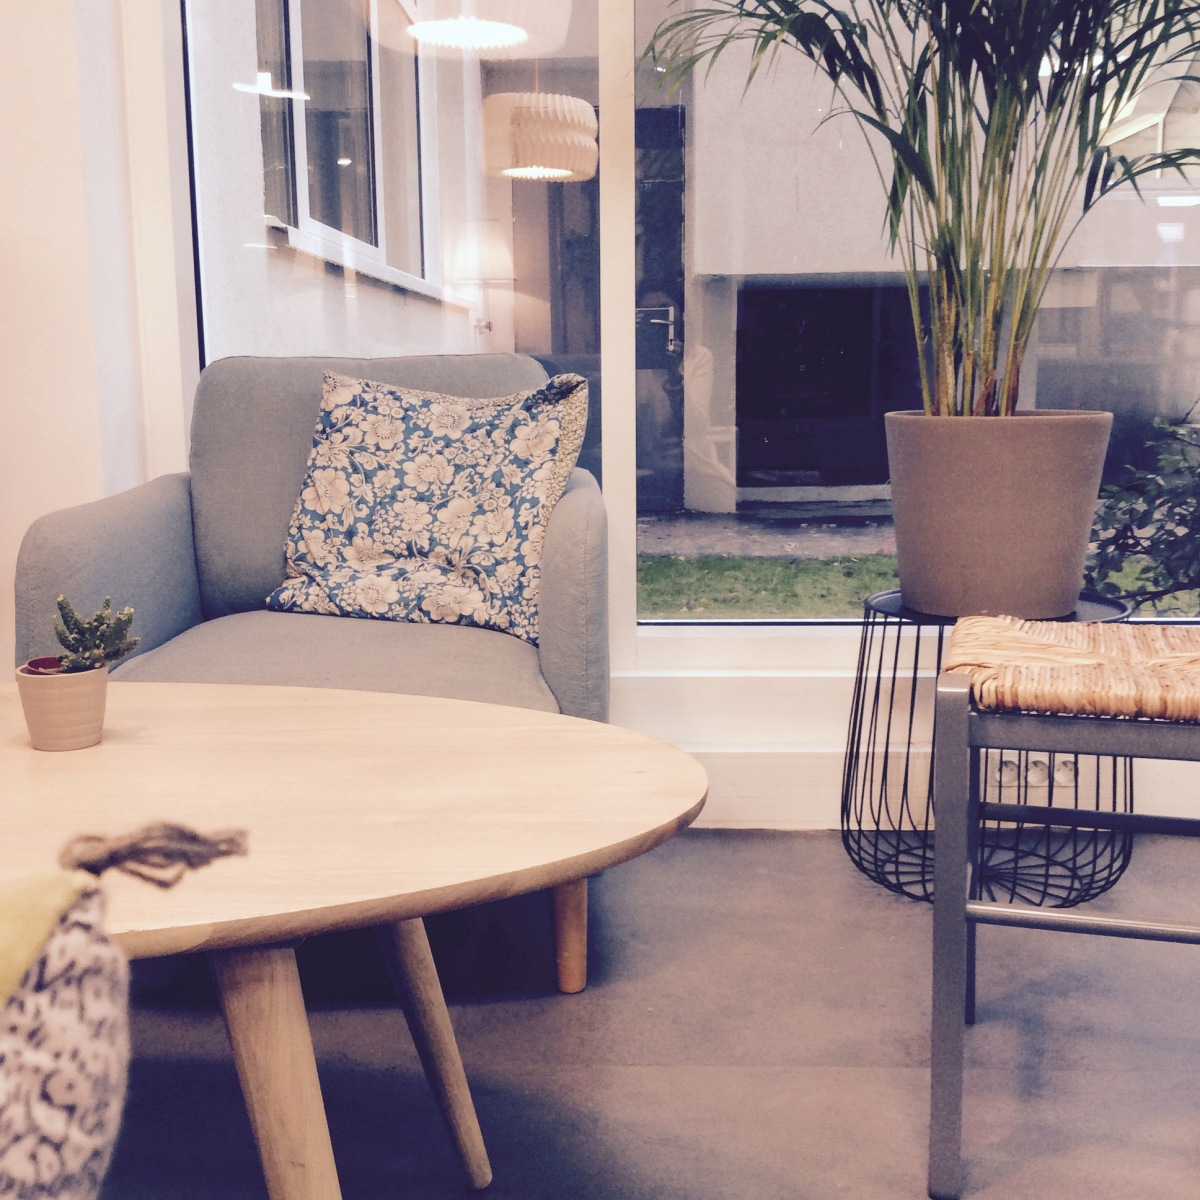 l pour l anticaf 3 nouvel espace de coworking l 39 insolente. Black Bedroom Furniture Sets. Home Design Ideas